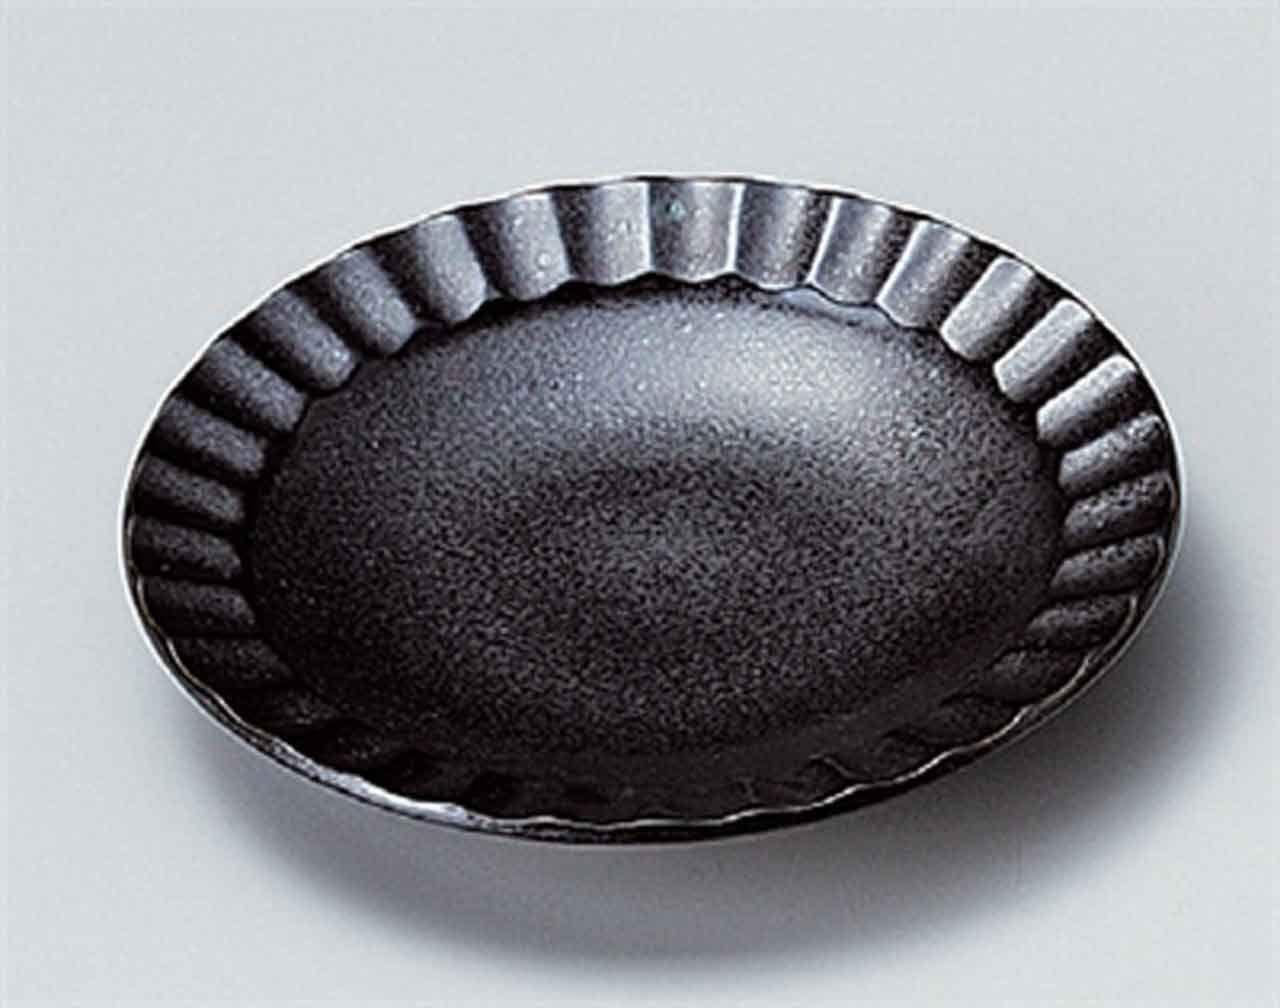 Black Crystal 5.5inch Set of 2 Medium Plates porcelain Made in Japan